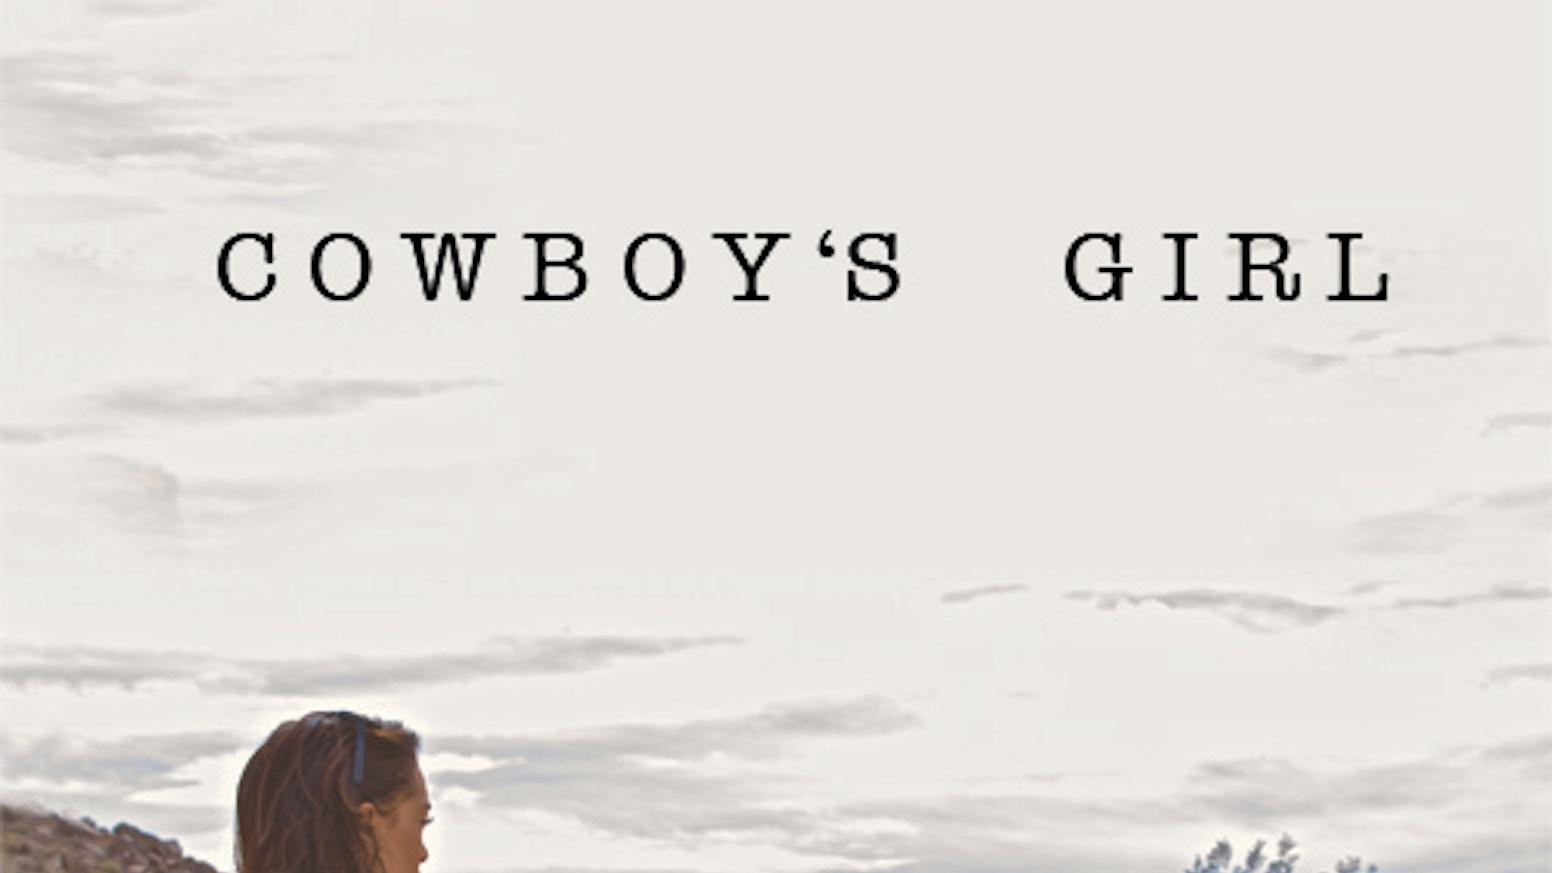 Cowboy\'s Girl - A Short Film by Diahnna Nicole Baxter — Kickstarter